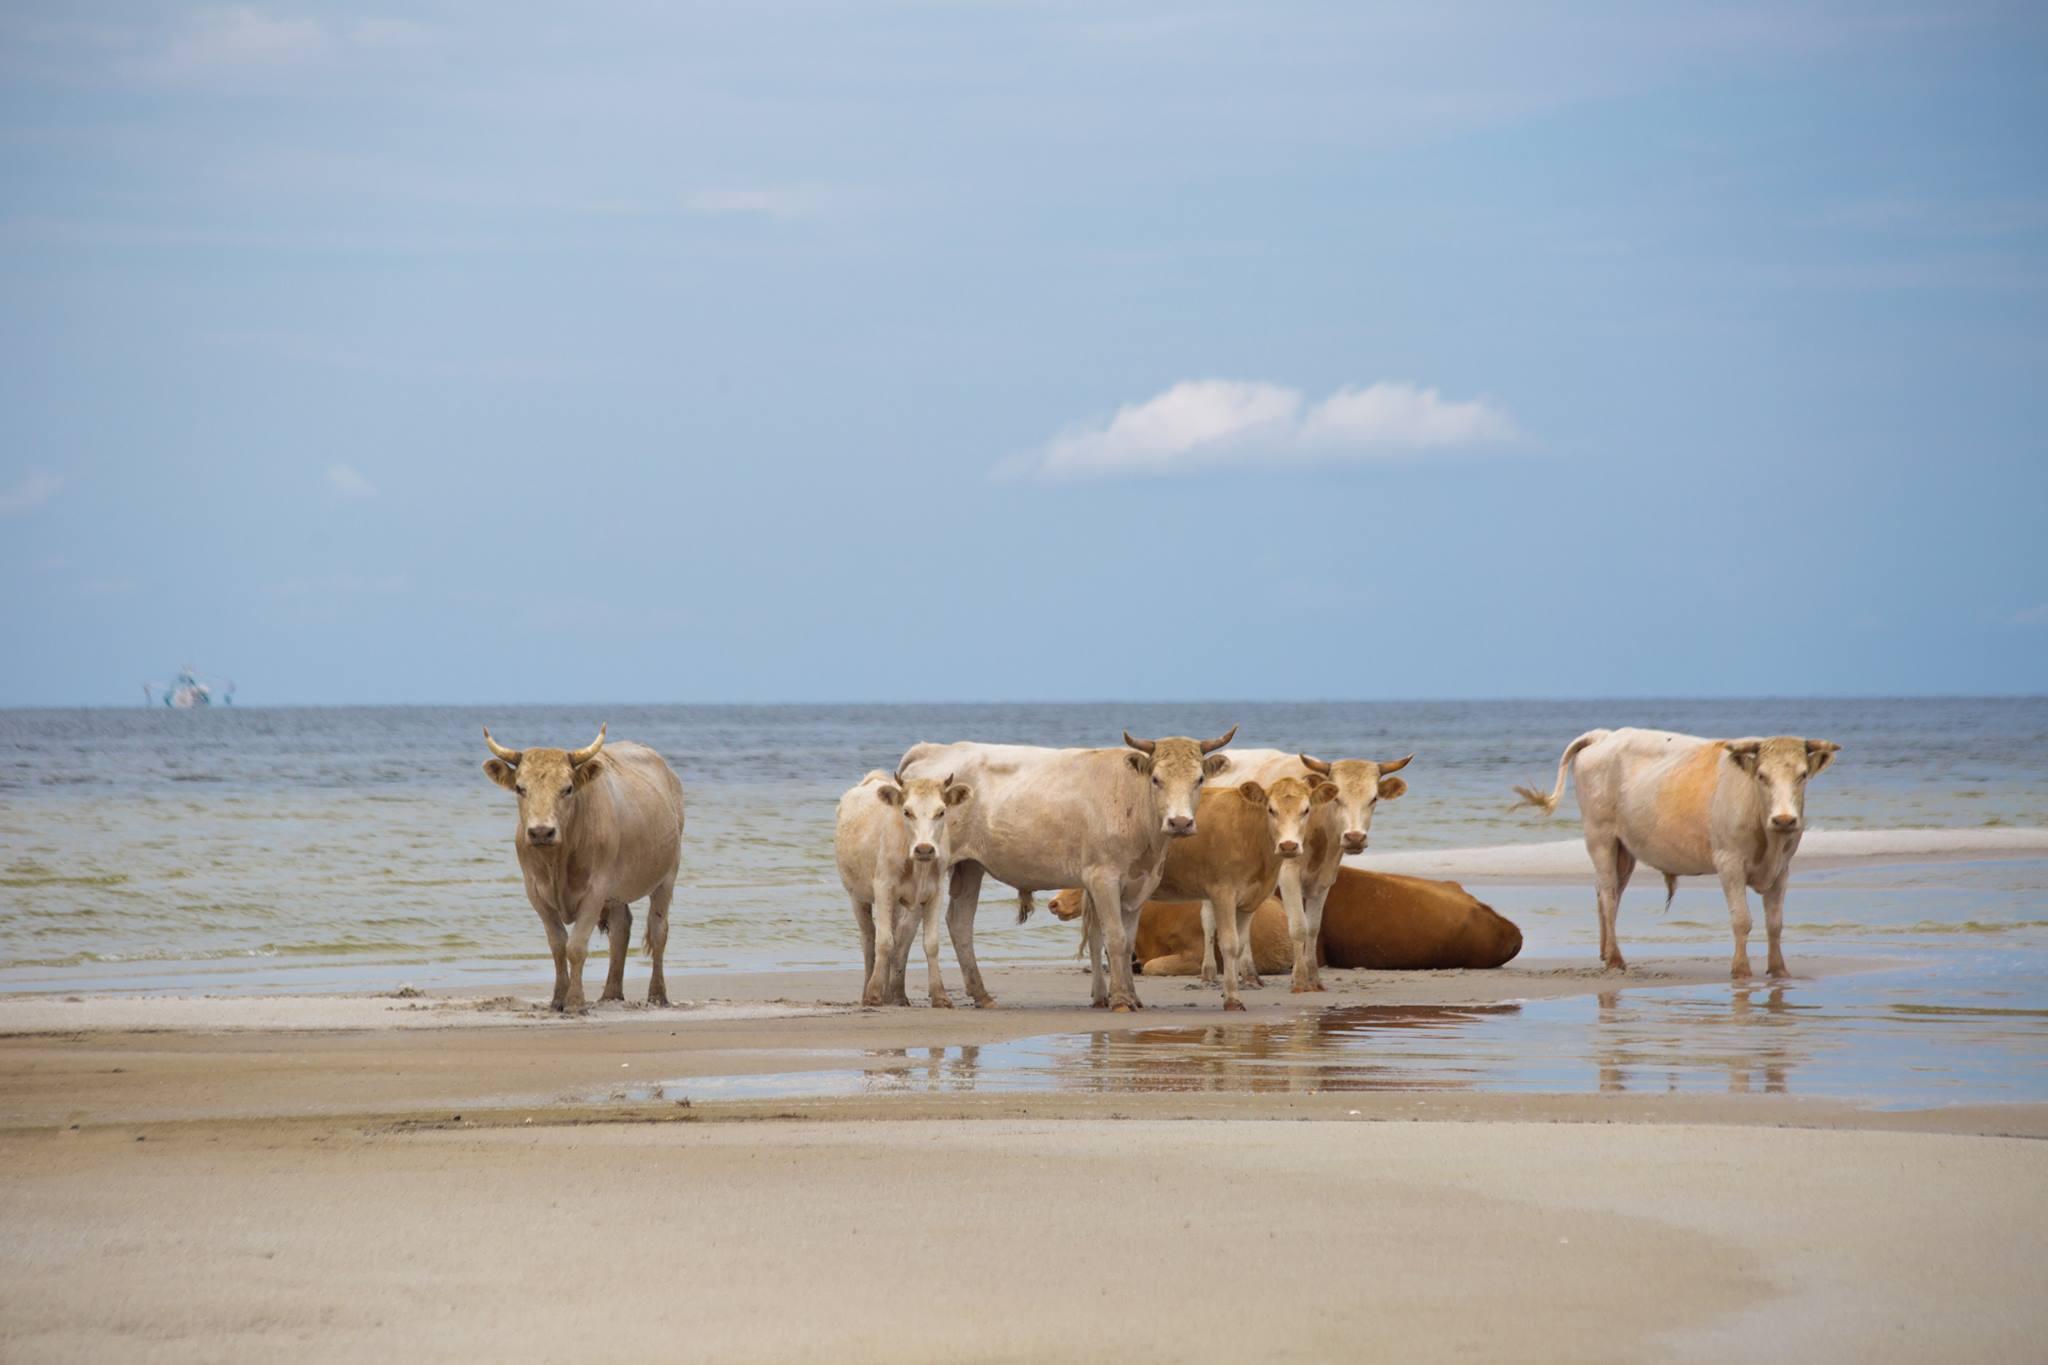 Elsodorta a marhákat a Dorian hurrikán, egy hónap múlva találták meg őket, kilométerekkel arrébb, egy szigeten